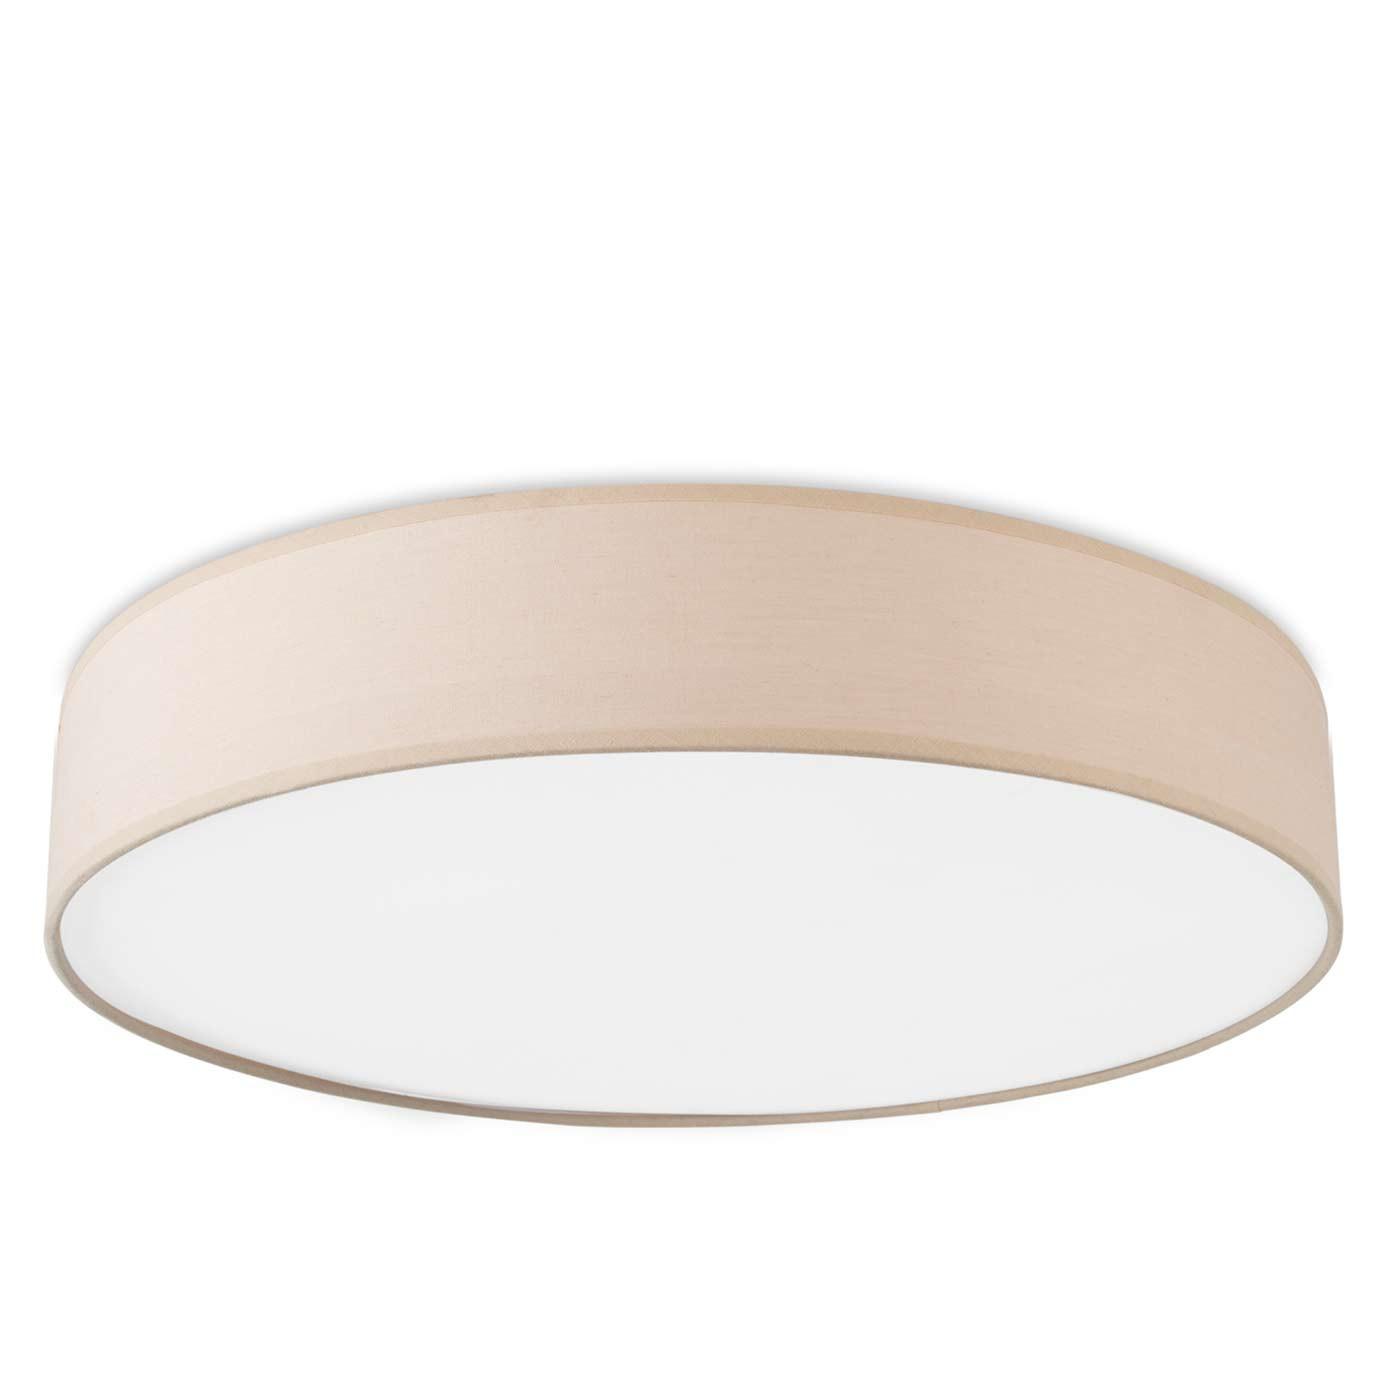 https www nostraforma com en leds c4 bol 45 led ceiling light switchable p 22831 html